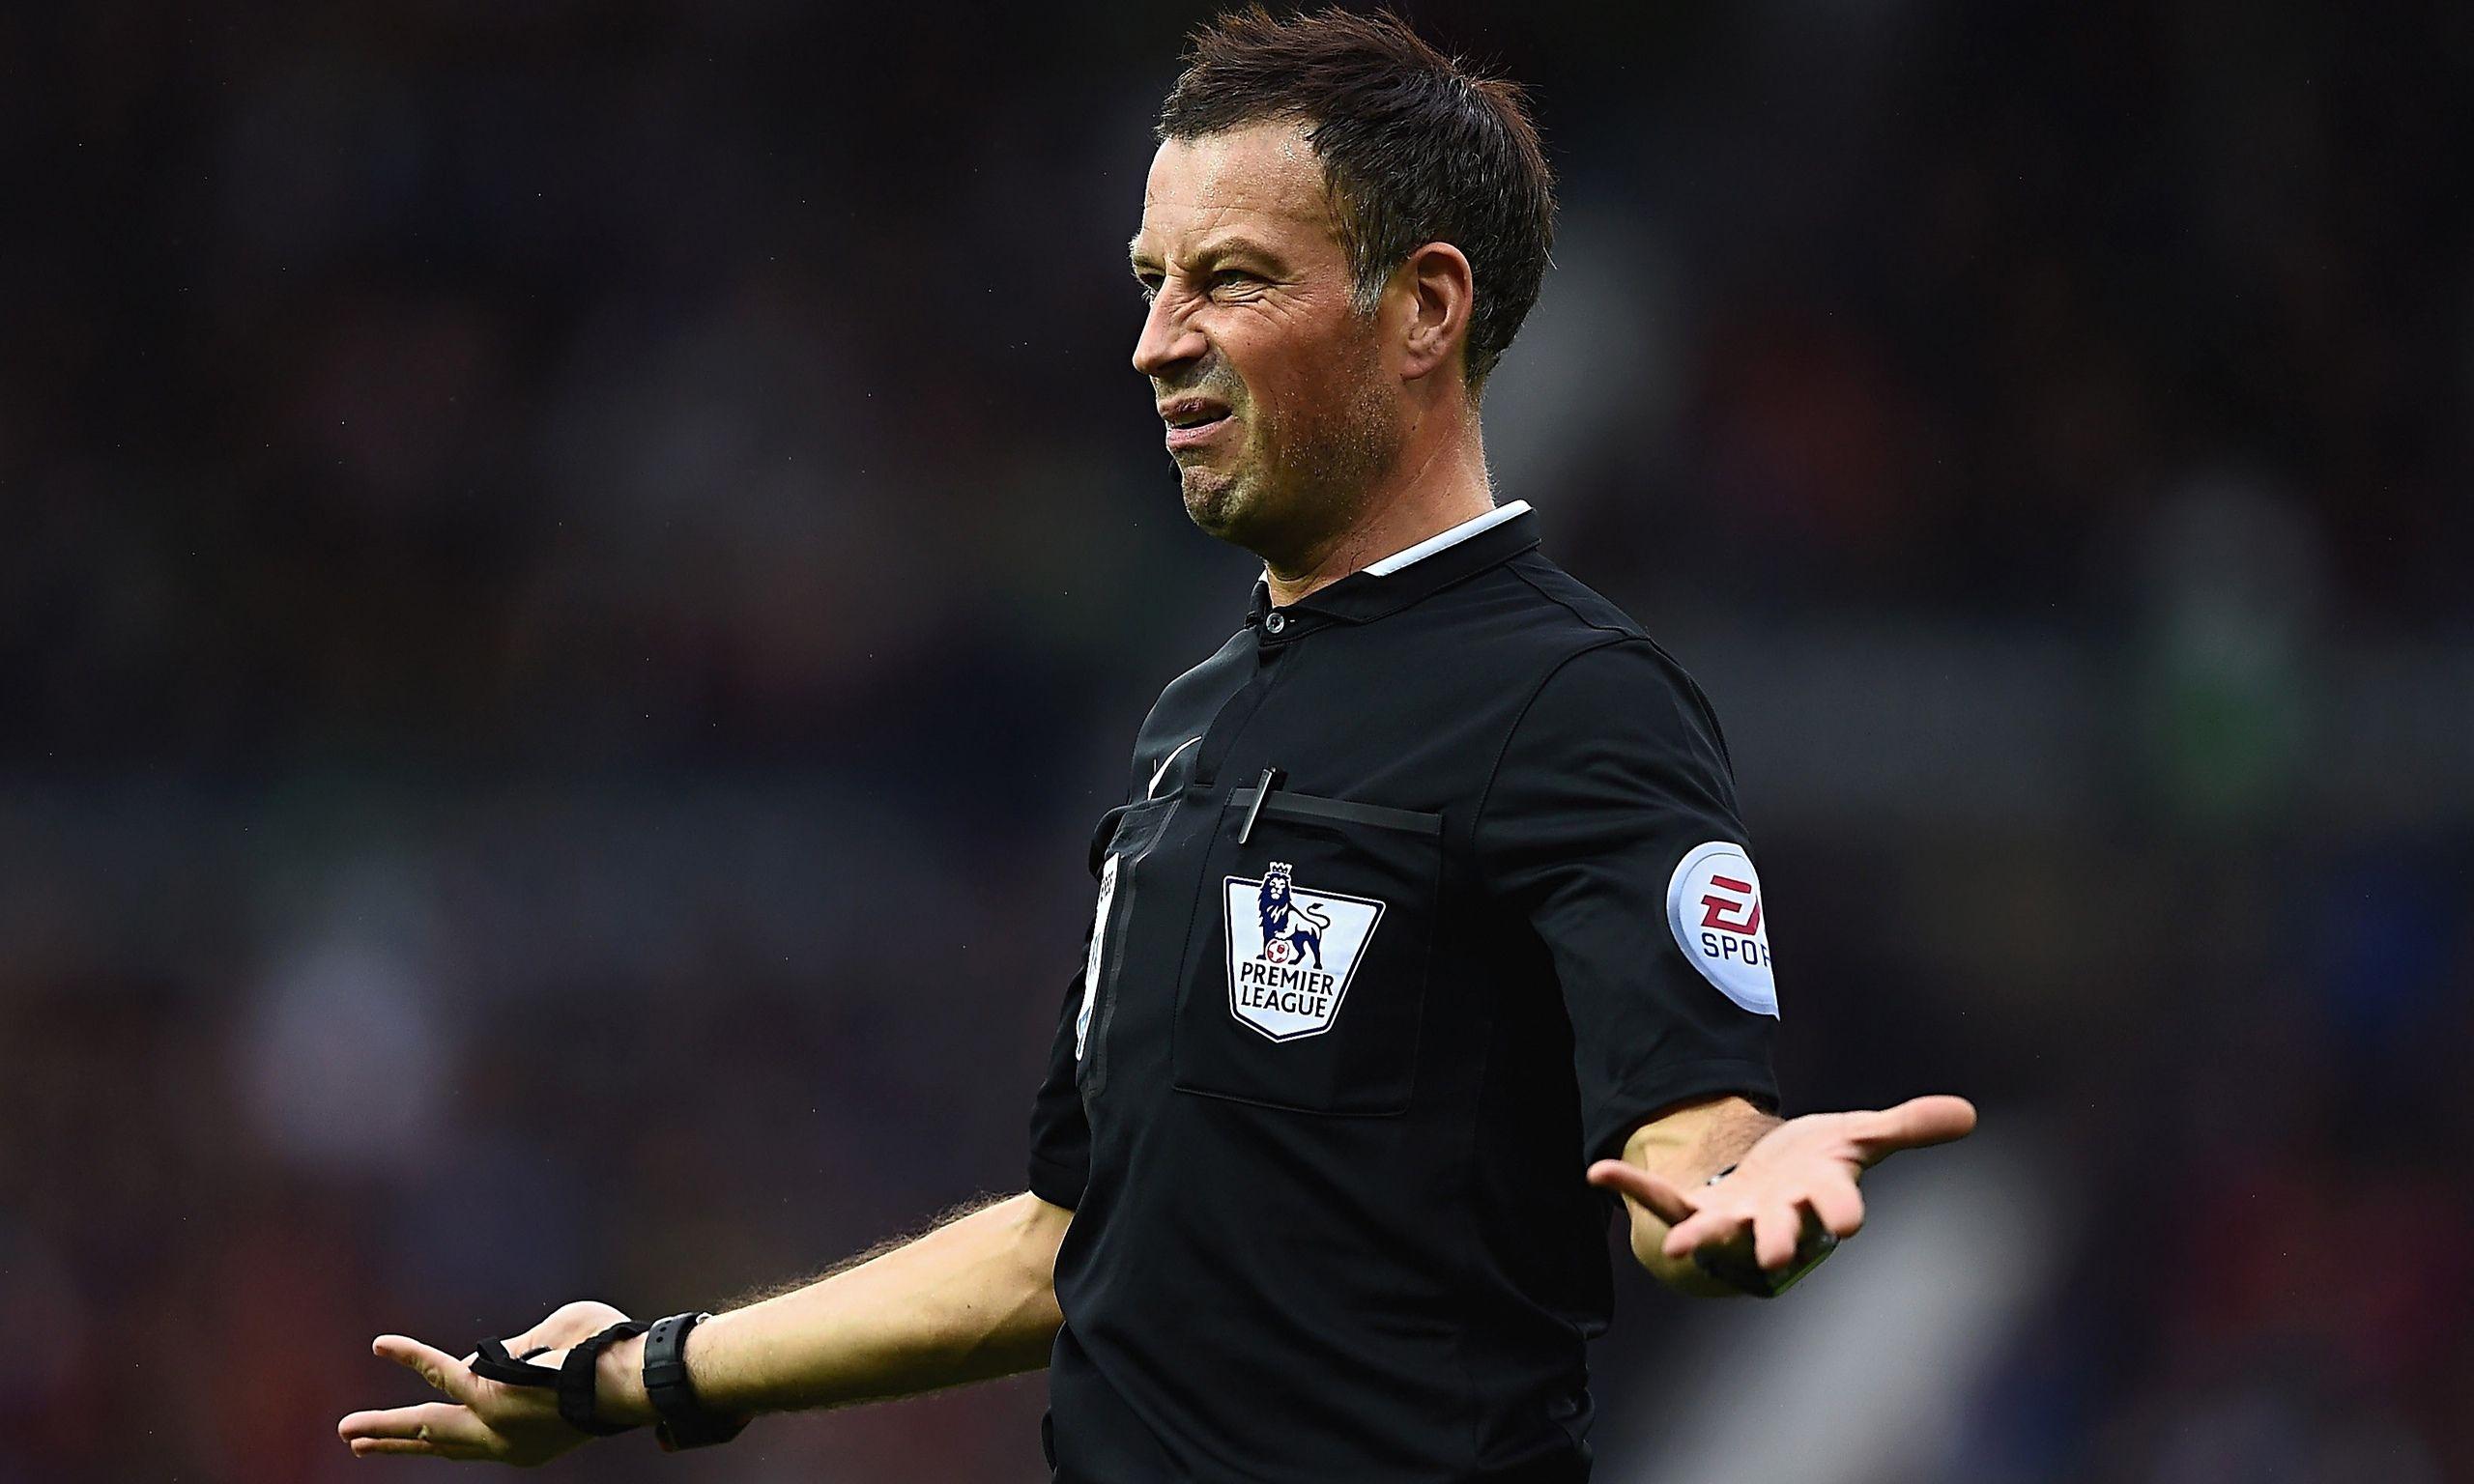 Un inglés será el árbitro de la final de la Champions entre Real y Atlético Madrid